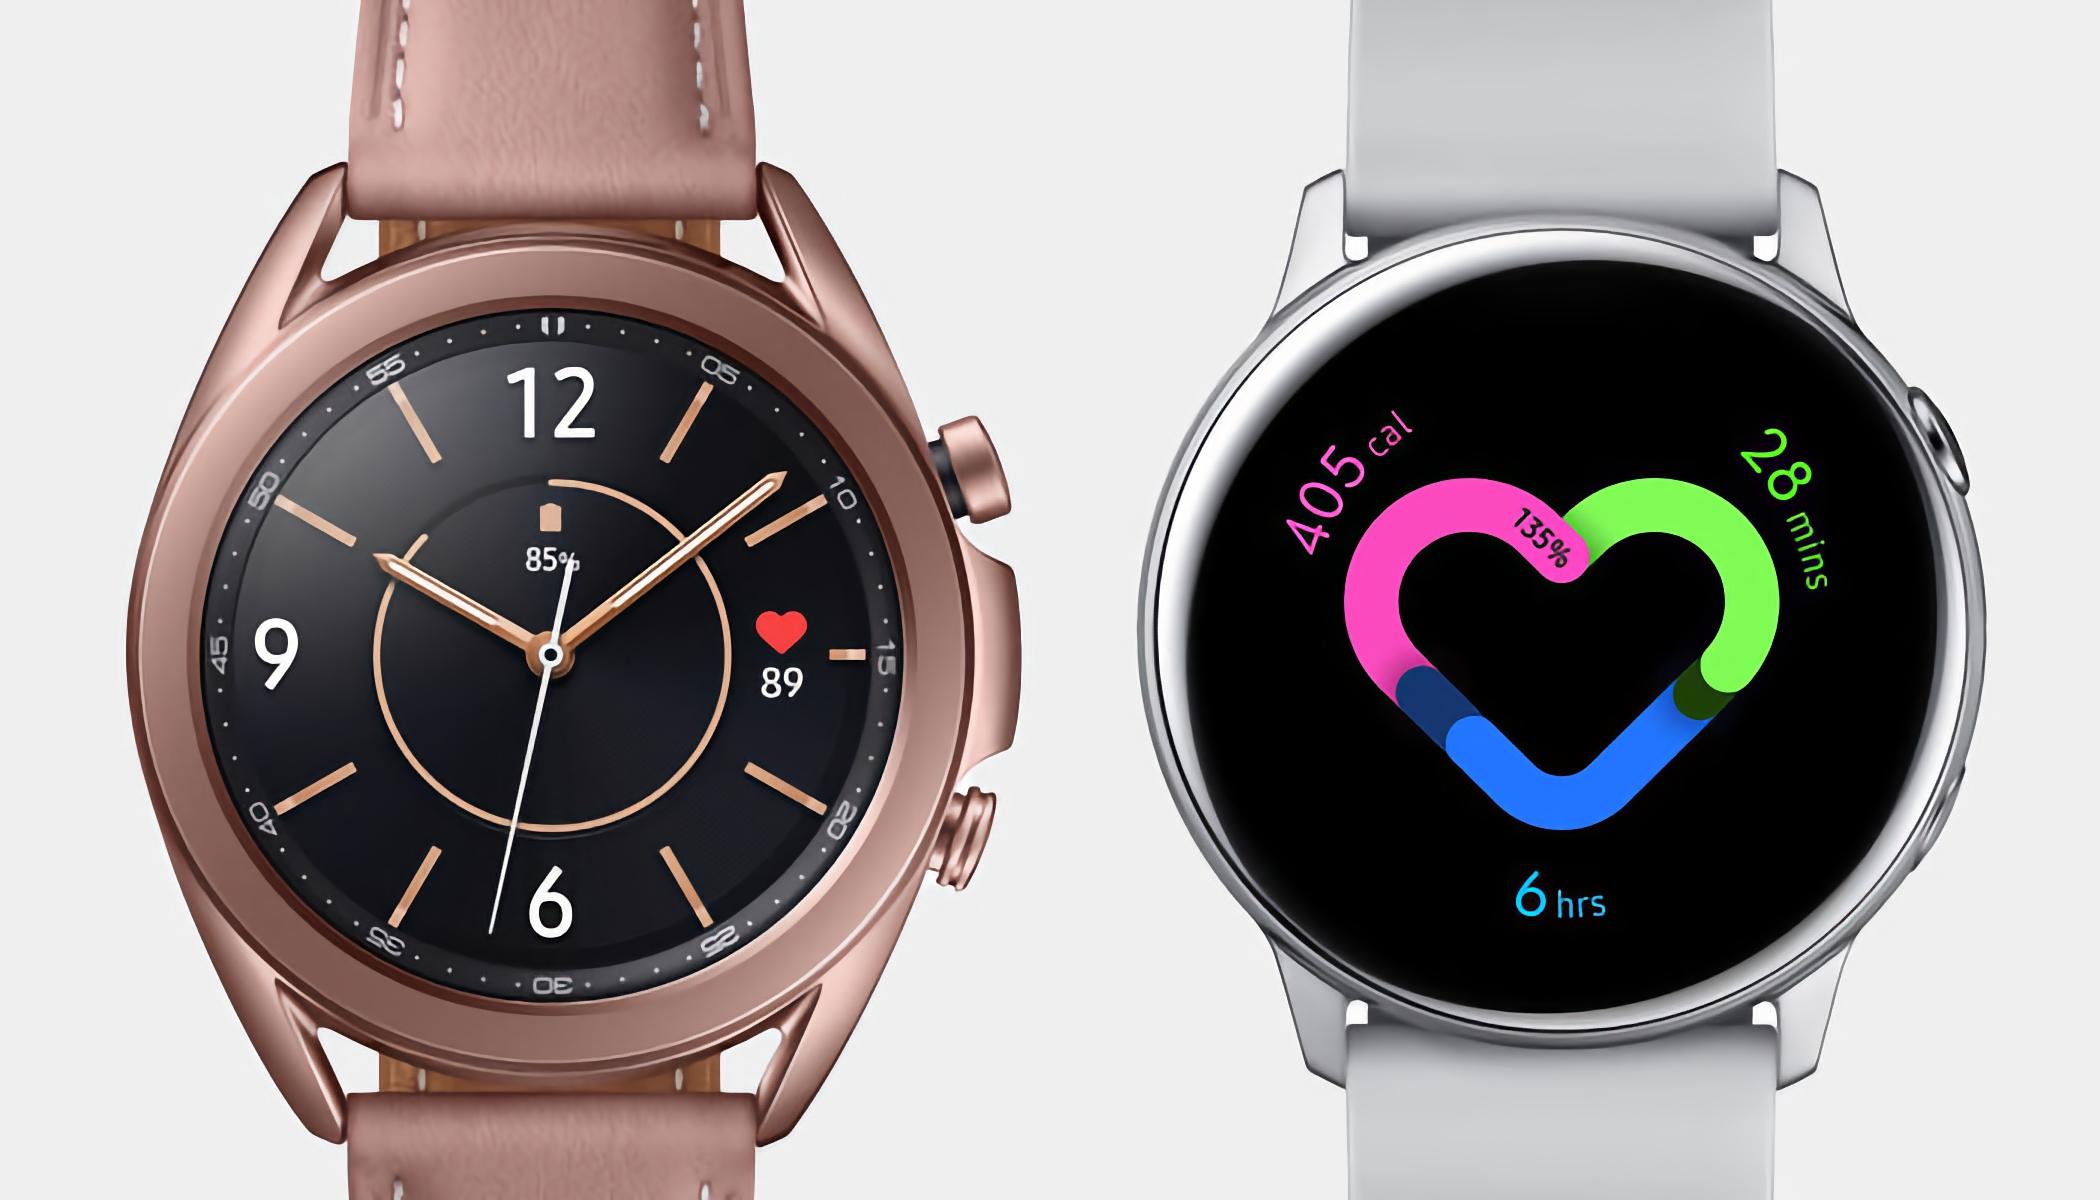 Samsung Galaxy Watch 3 и Galaxy Watch Active 2 получили новое обновление ПО